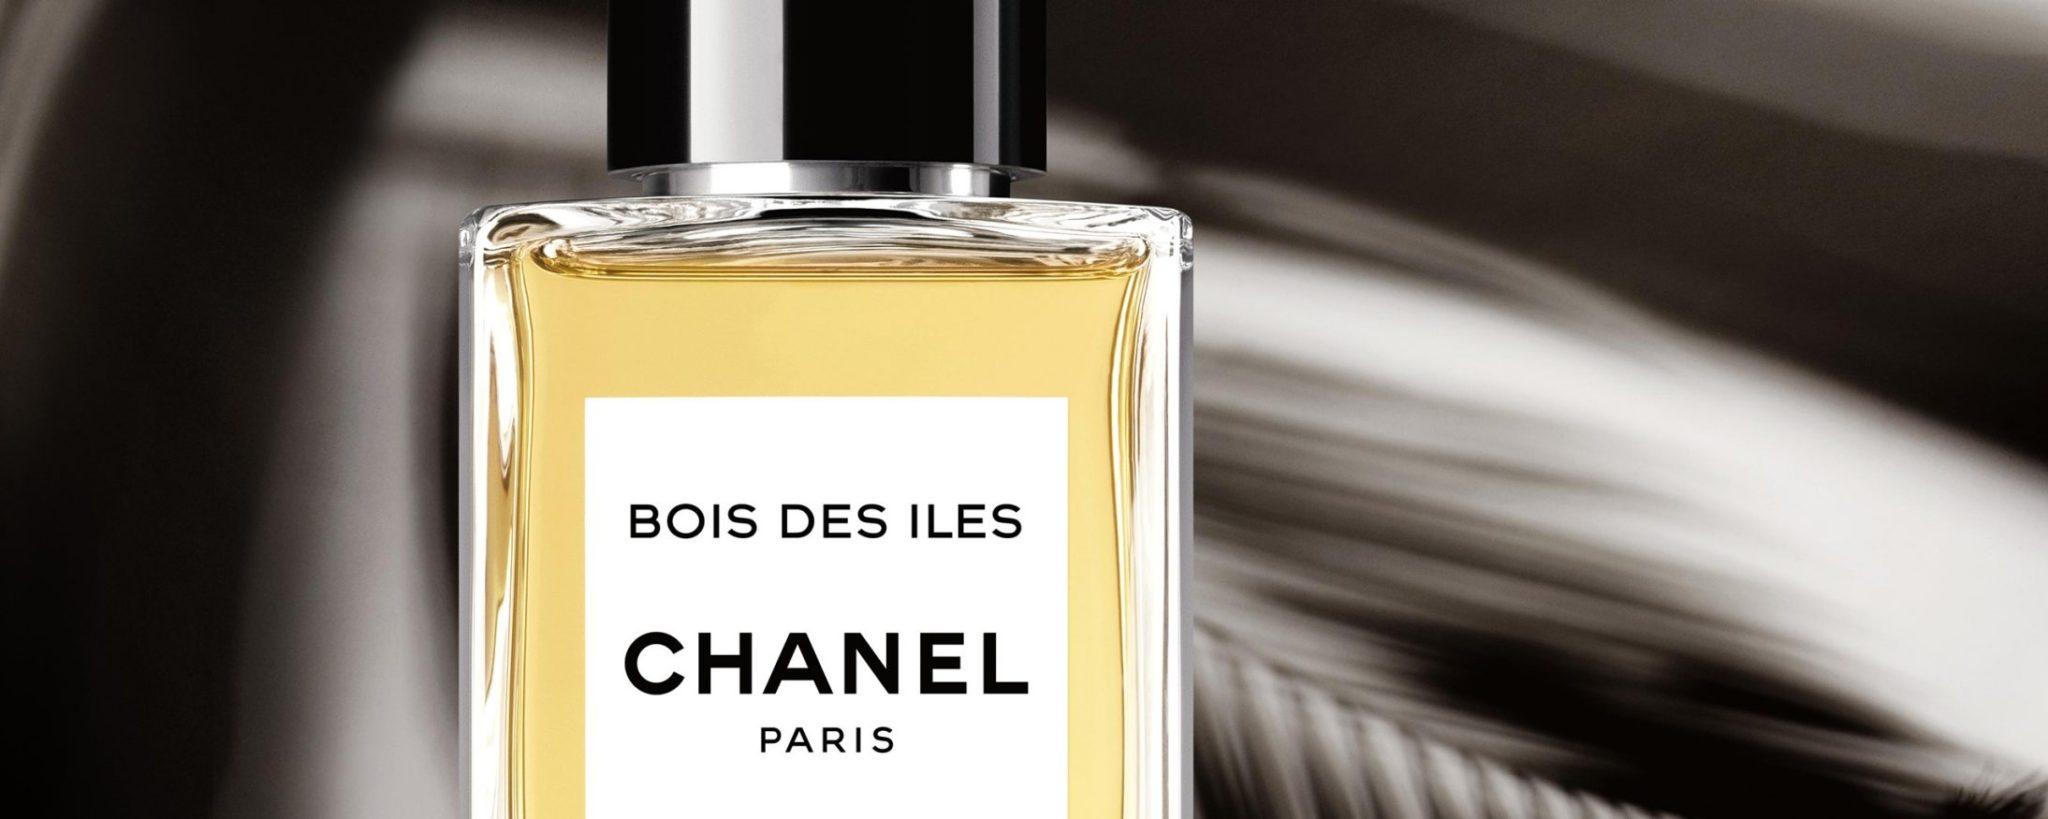 Chanel Les Exclusifs Bois des Iles eau de parfum Esprit de Gabrielle espritdegabrielle.com